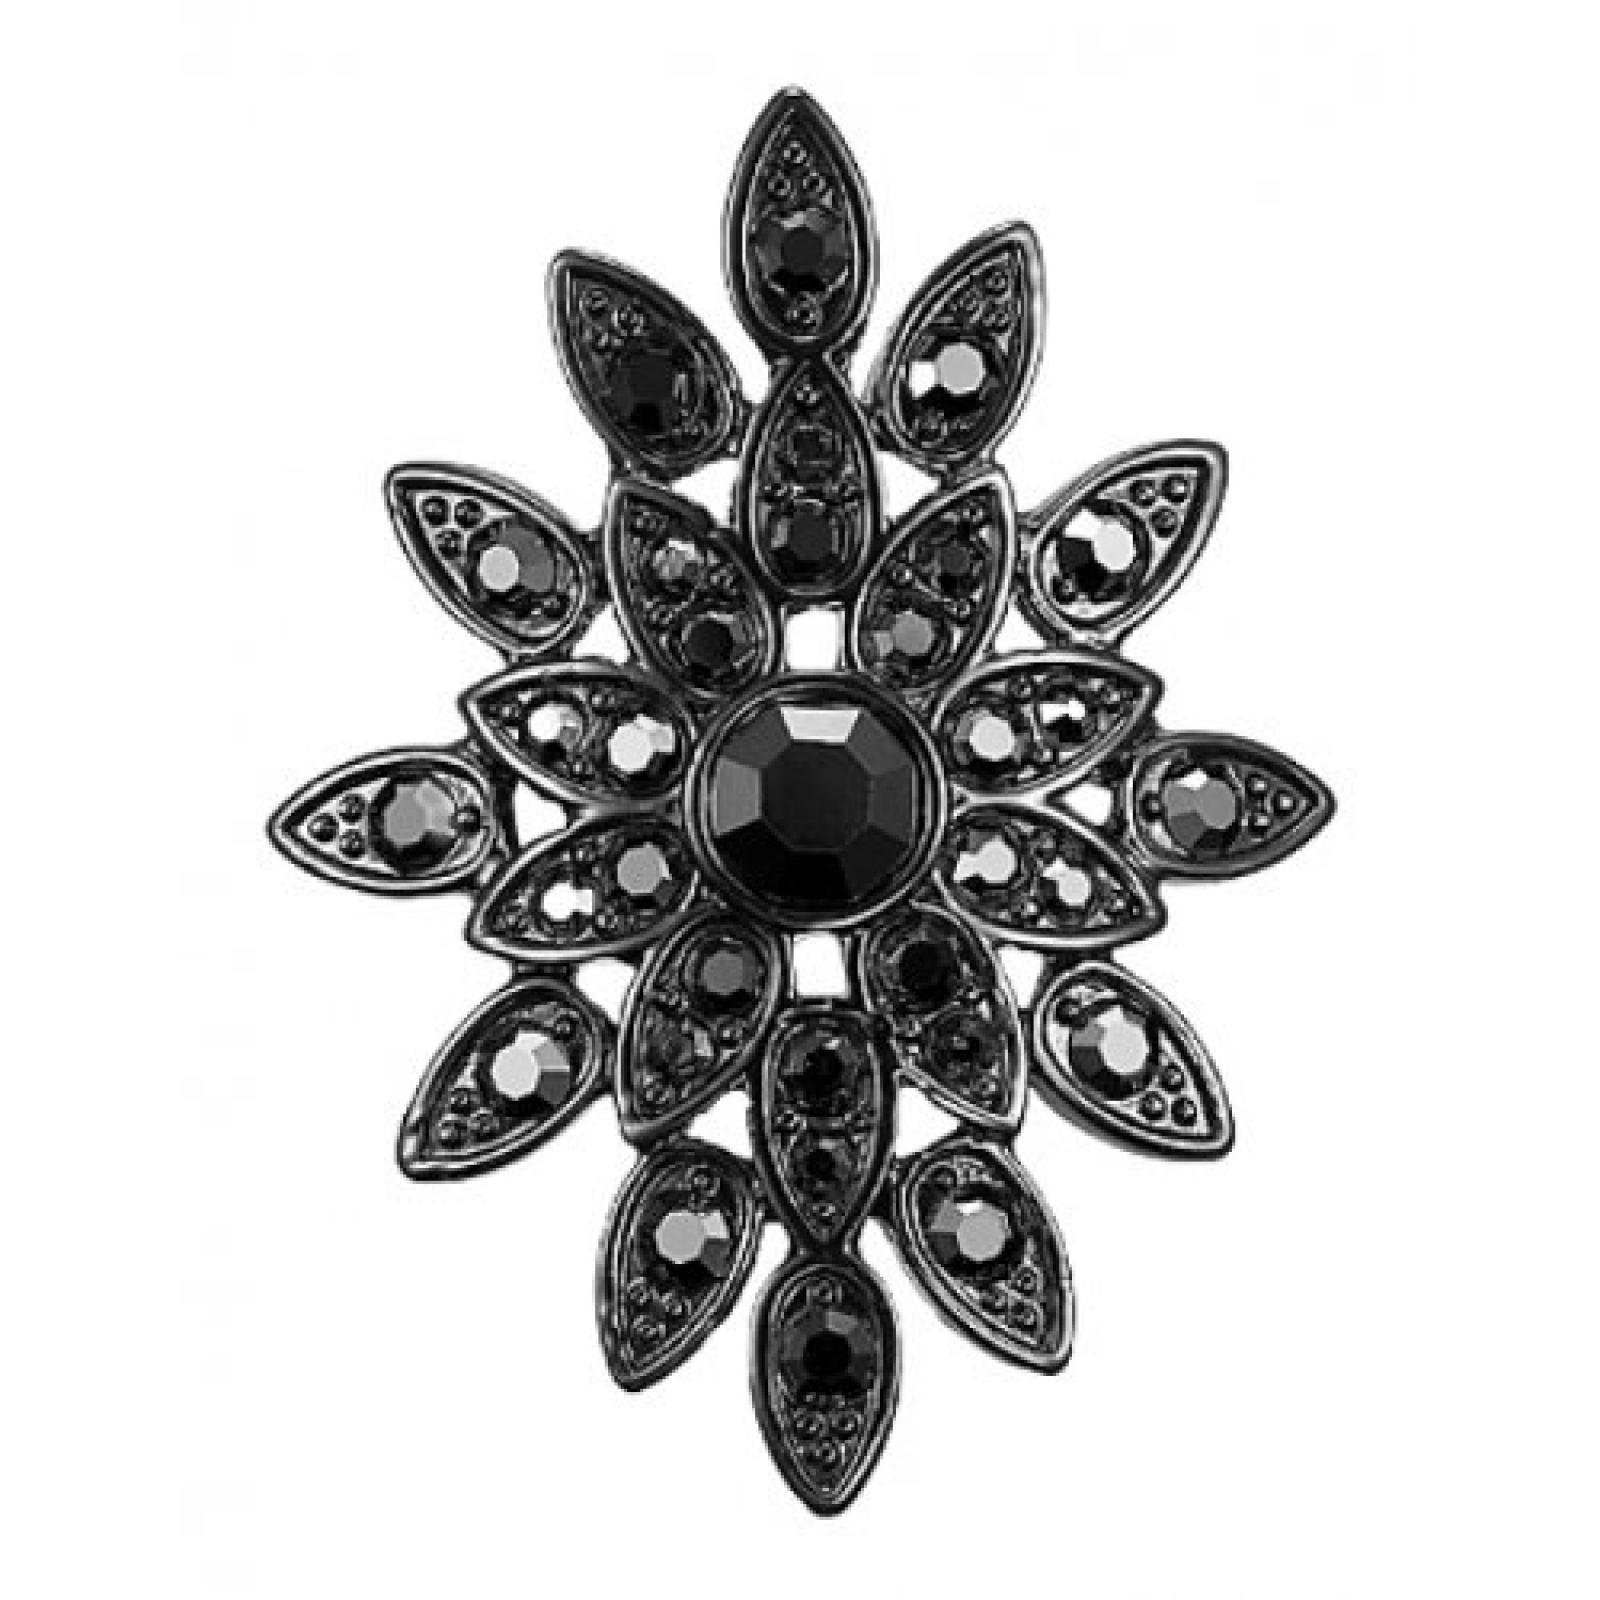 Pilgrim Jewelry Damen-Fingerring aus der Serie Stellar stone hematite beschichtet grau Verstellbar 1.8 cm 101243104